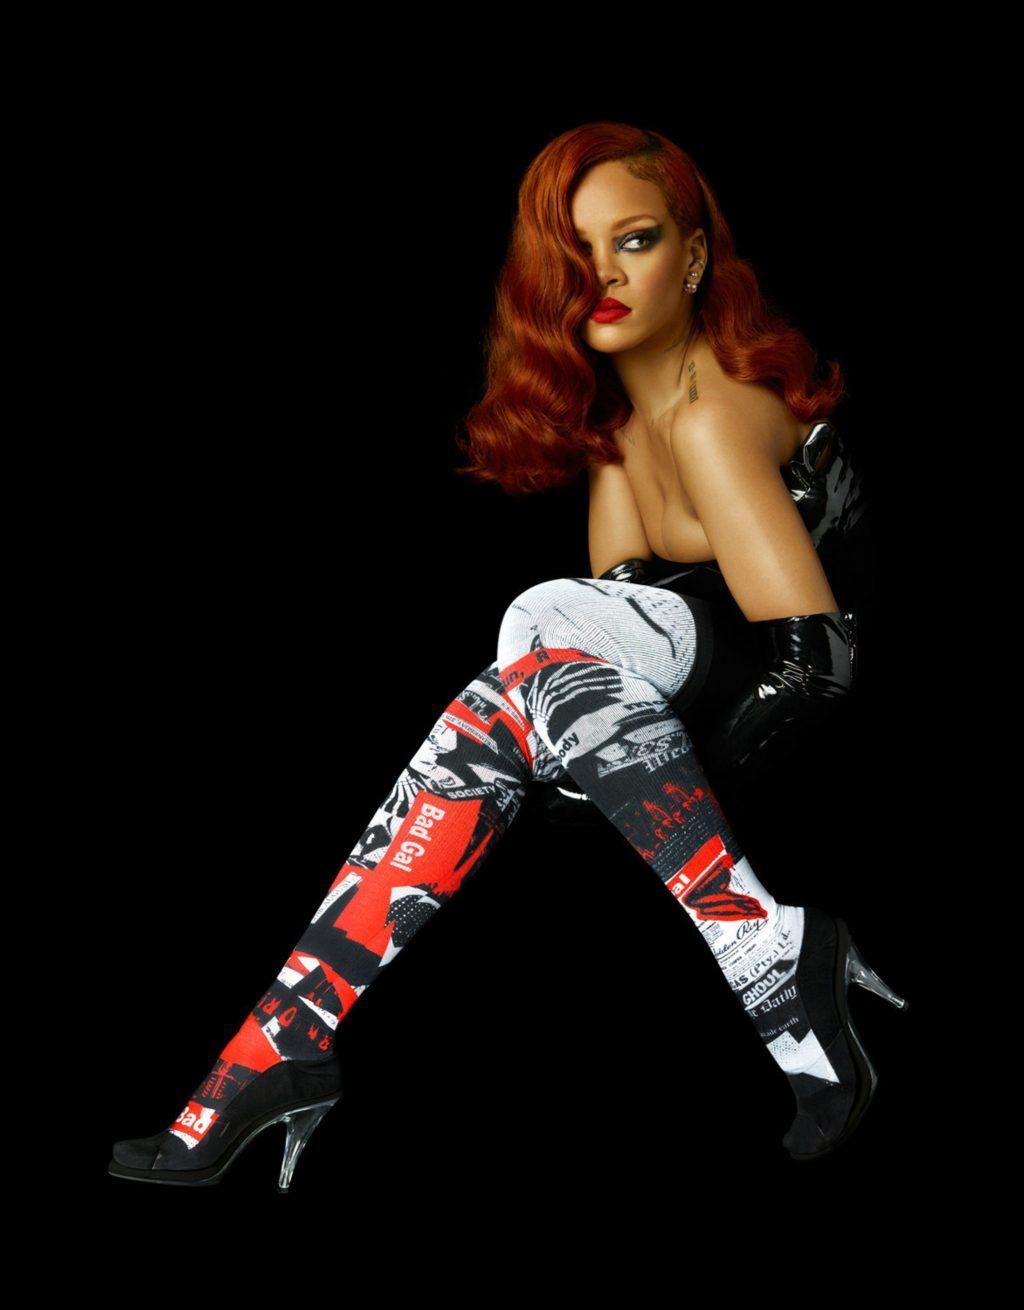 ca sĩ Rihanna tham gia chiến dịch quảng bá của Stance Socks